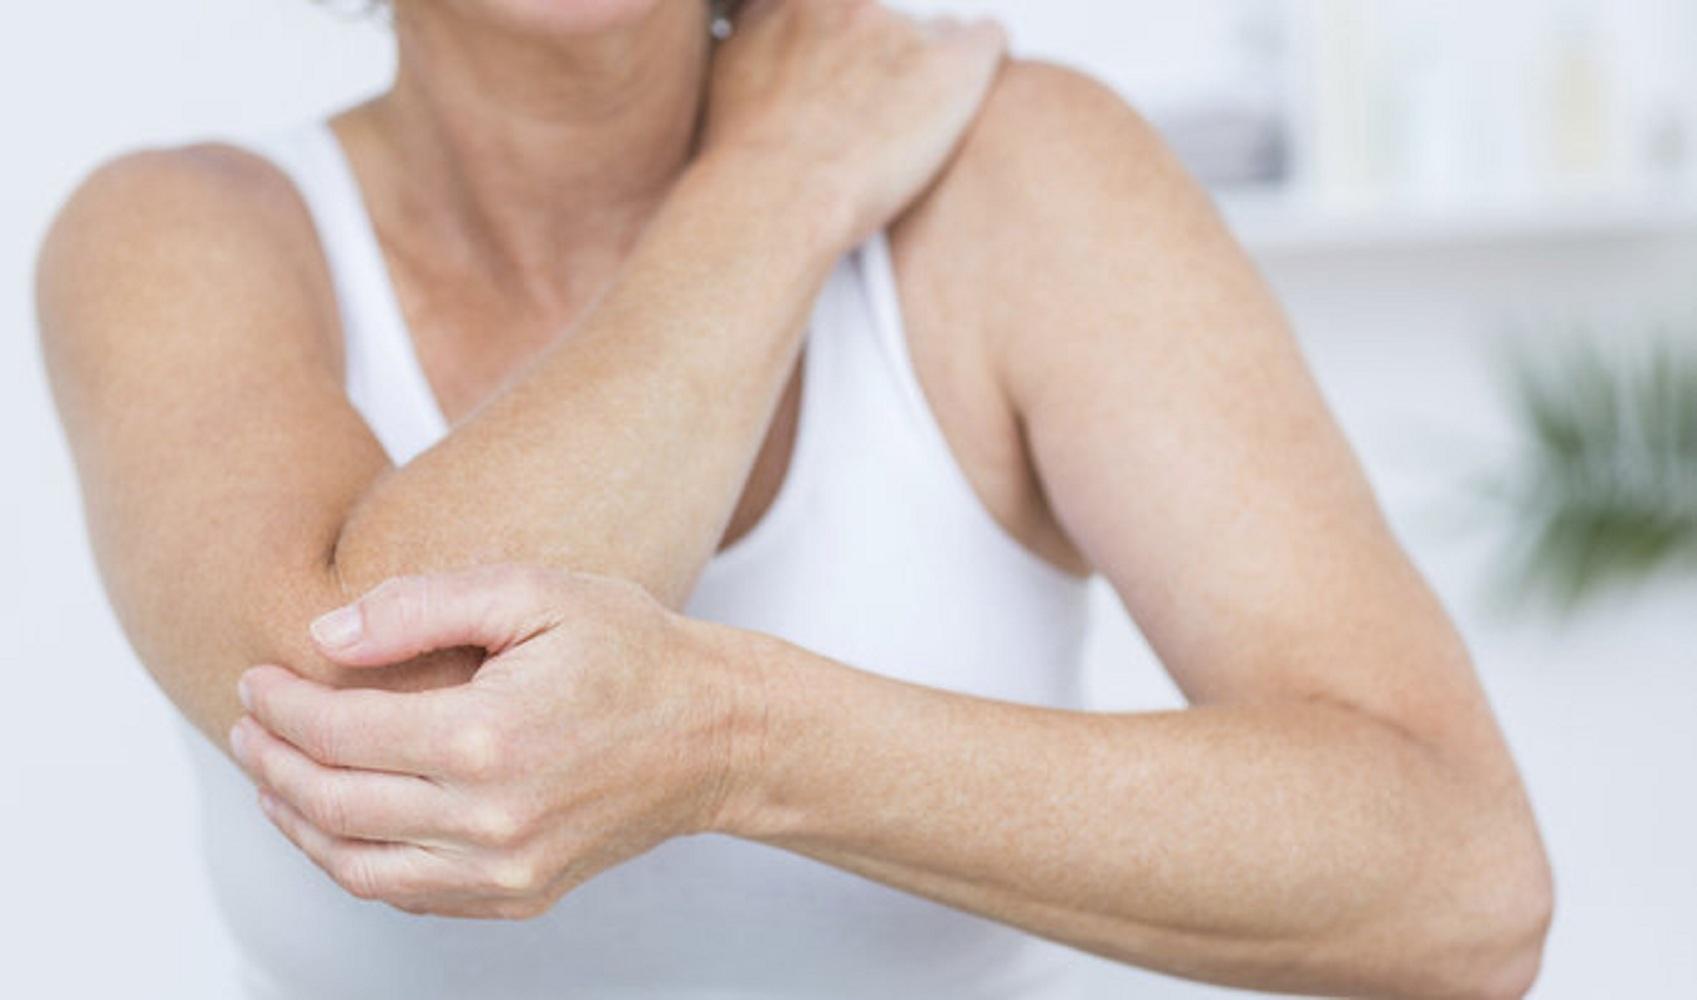 tratament de întindere a genunchiului